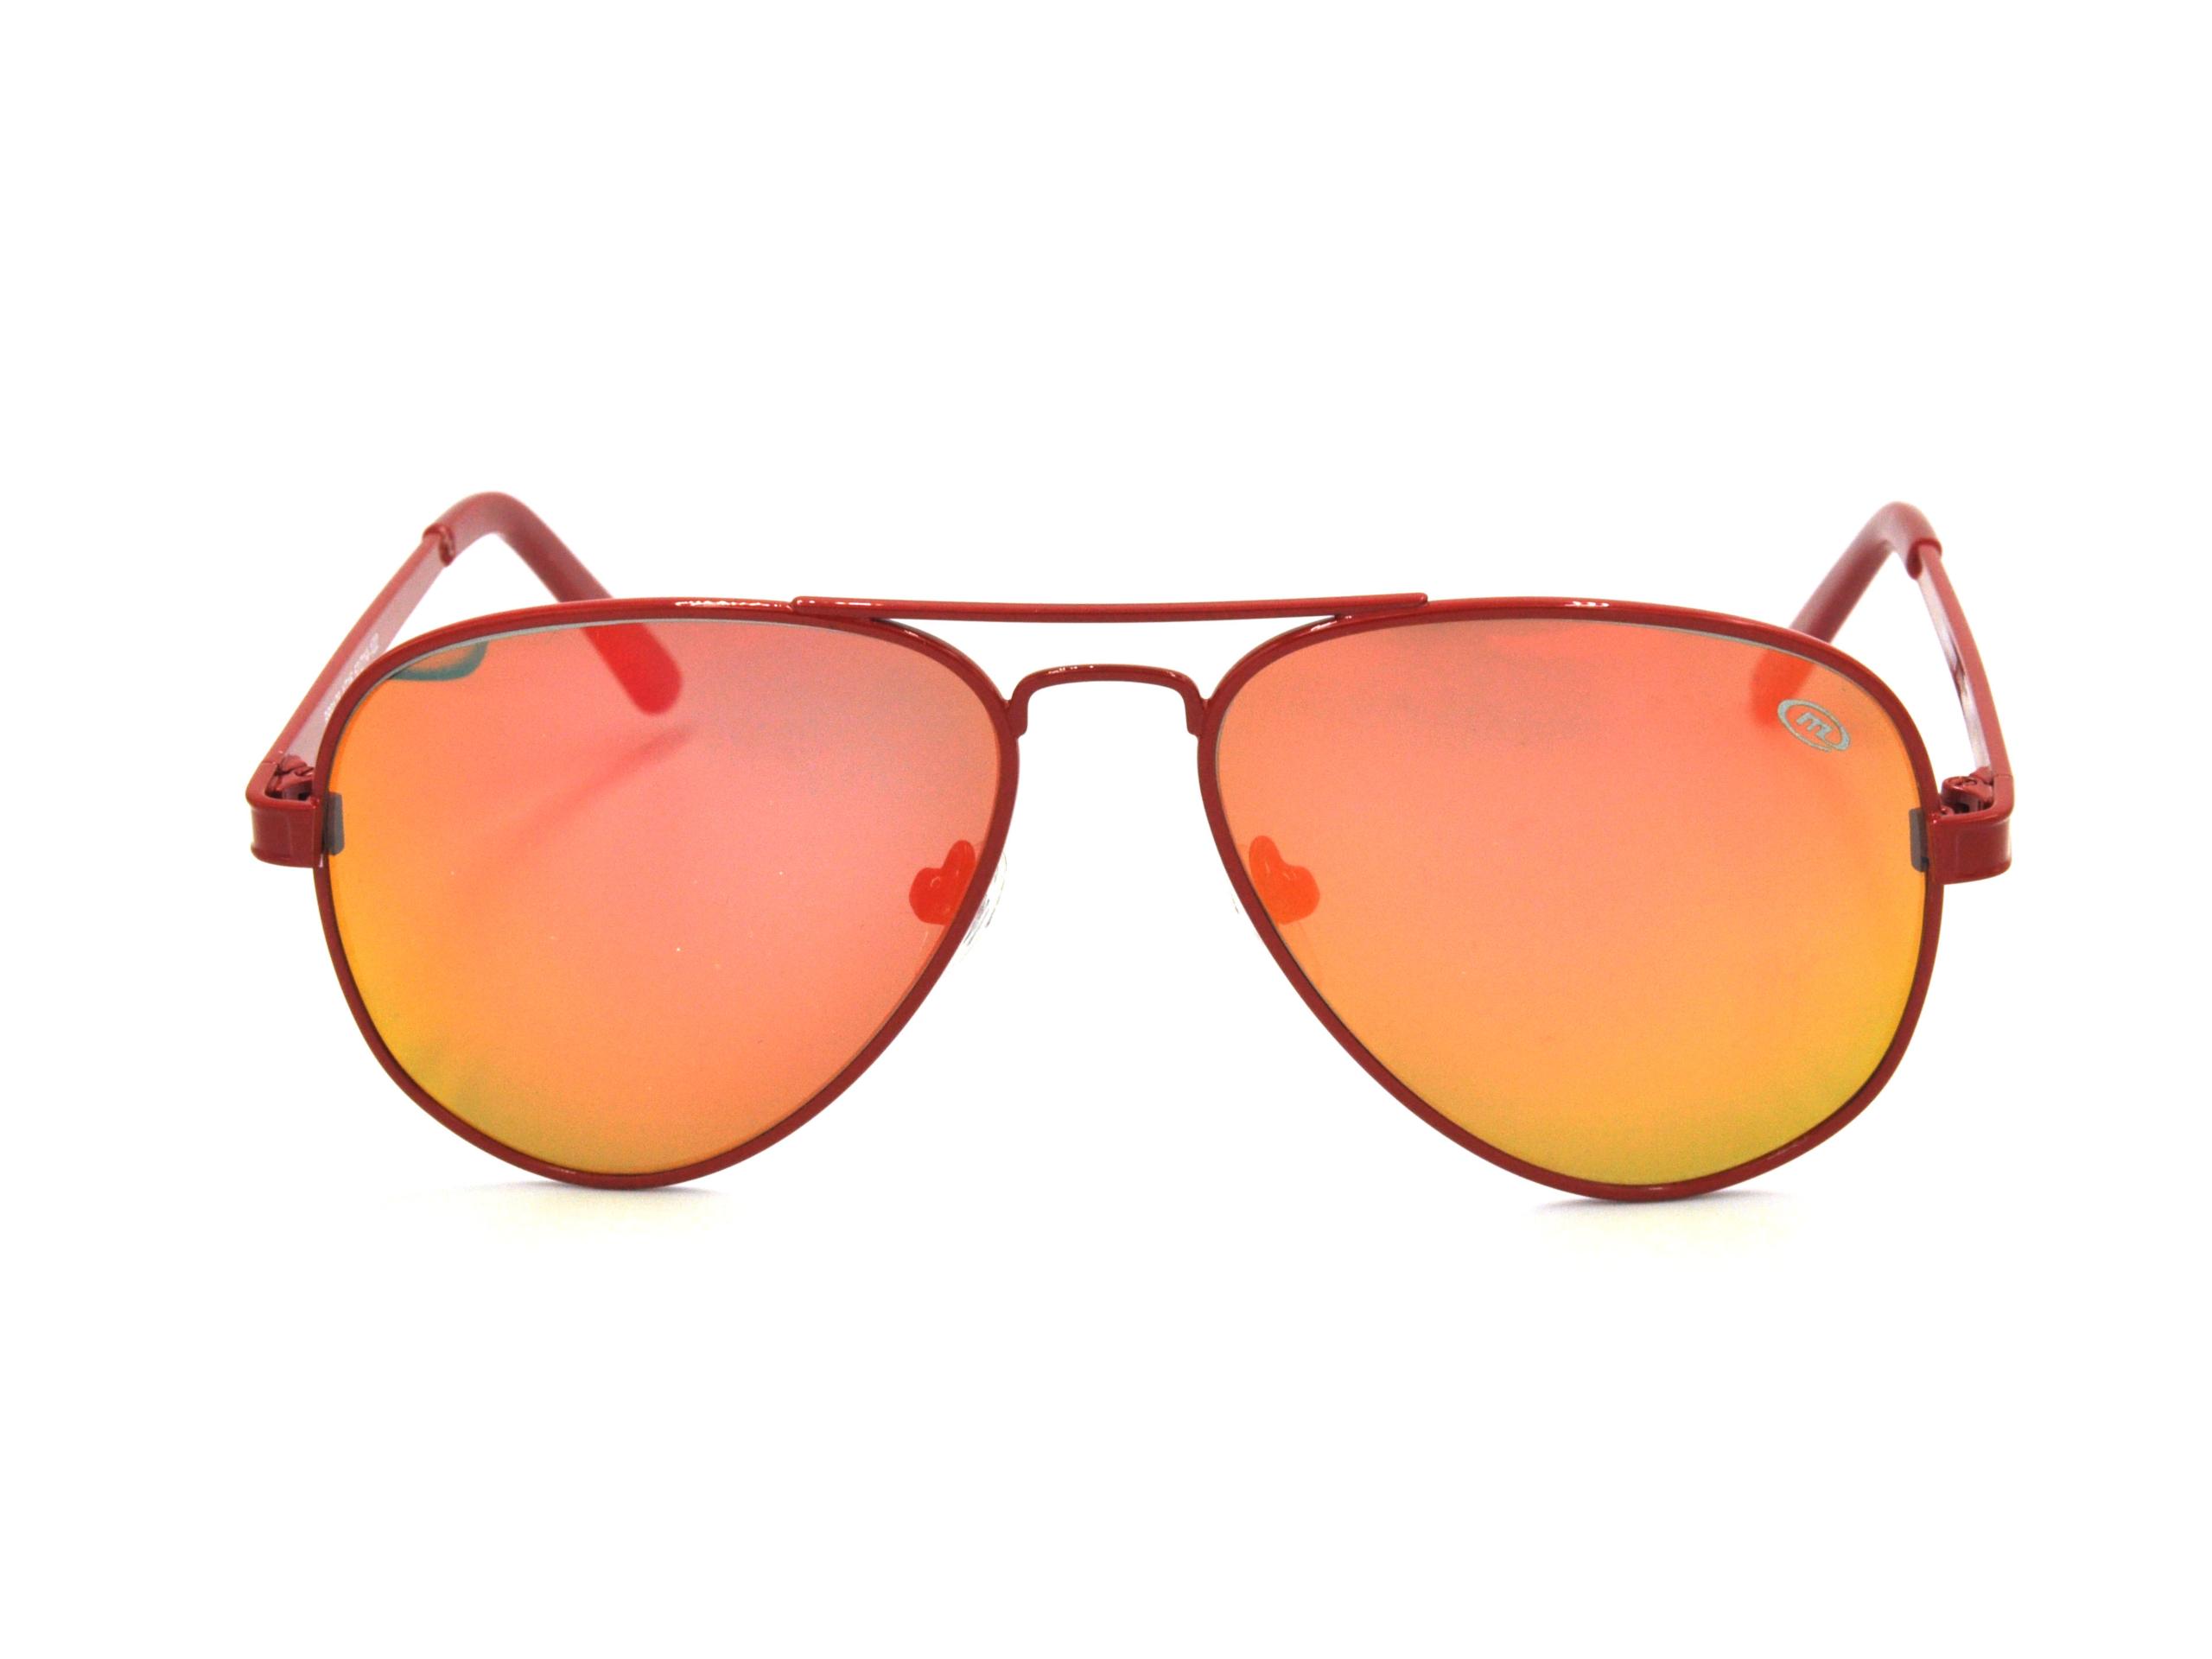 Γυαλιά ηλίου MORITZ JUNIOR BB9178 XT16 52-14-122 Πειραιάς